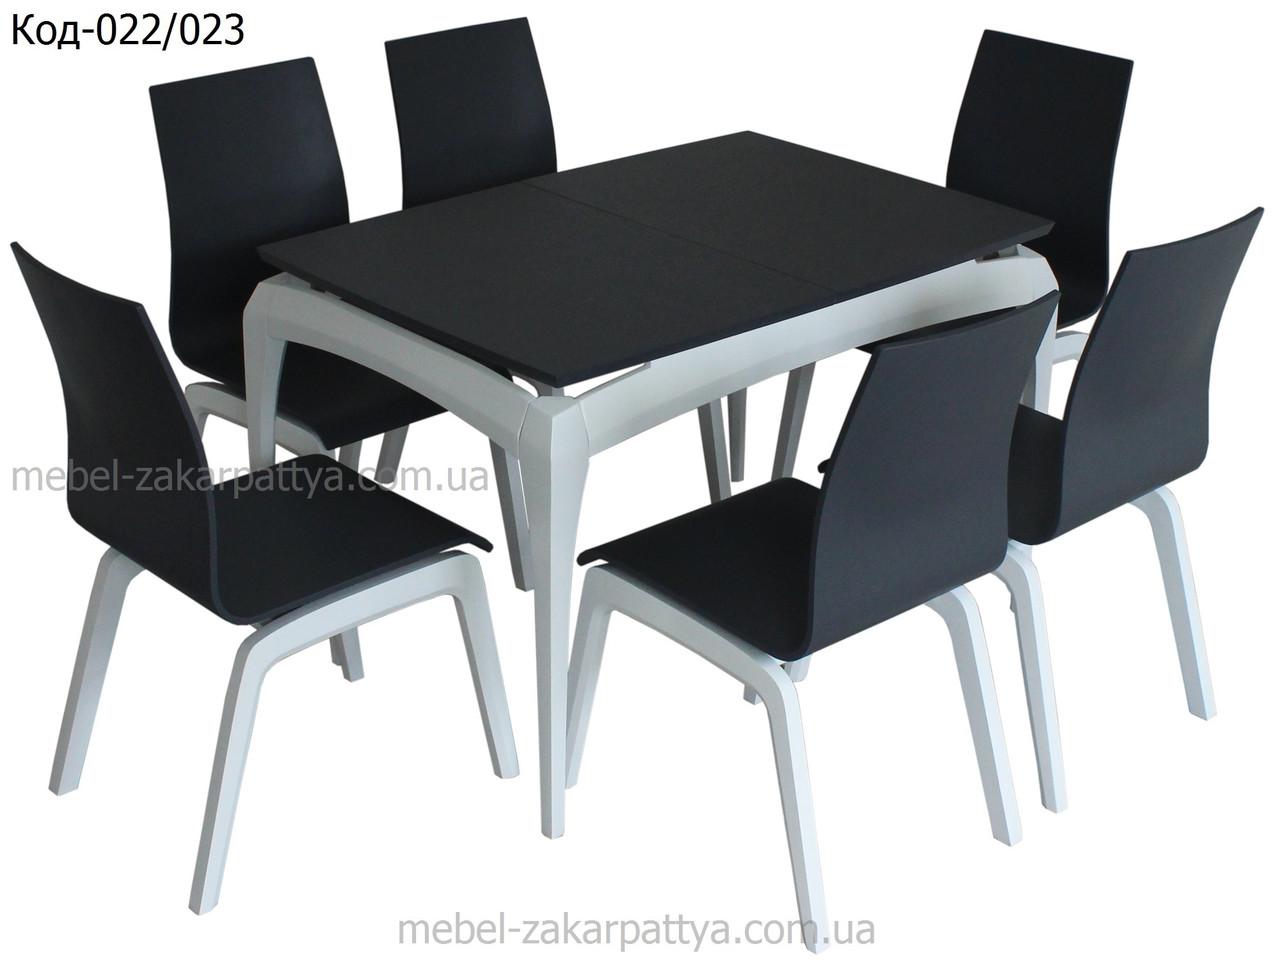 Комплект обеденный Код-022/023